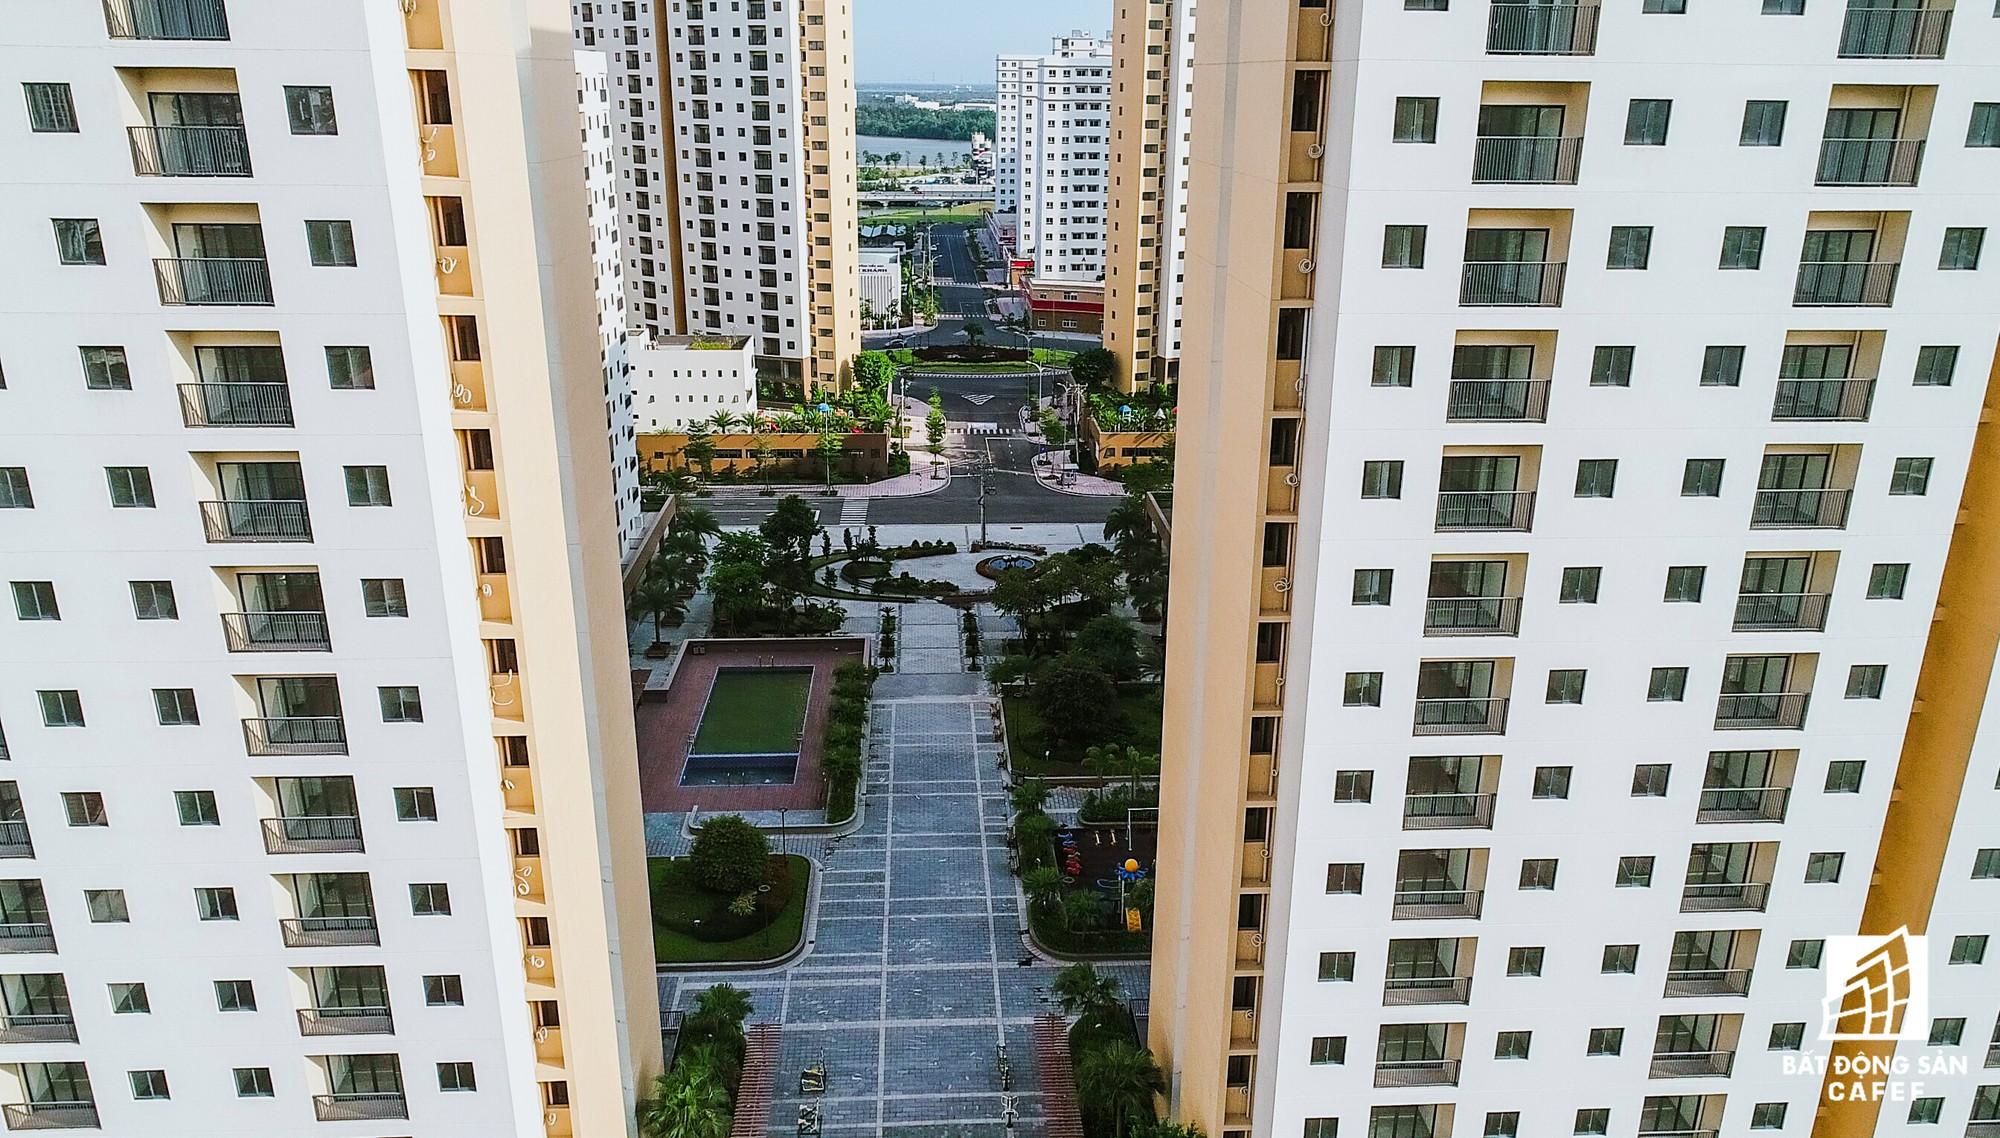 Toàn cảnh khu tái định cư đồ sộ nhất TPHCM, chục nghìn căn hộ không ai ở, bán đấu giá nhiều lần thất bại - Ảnh 13.